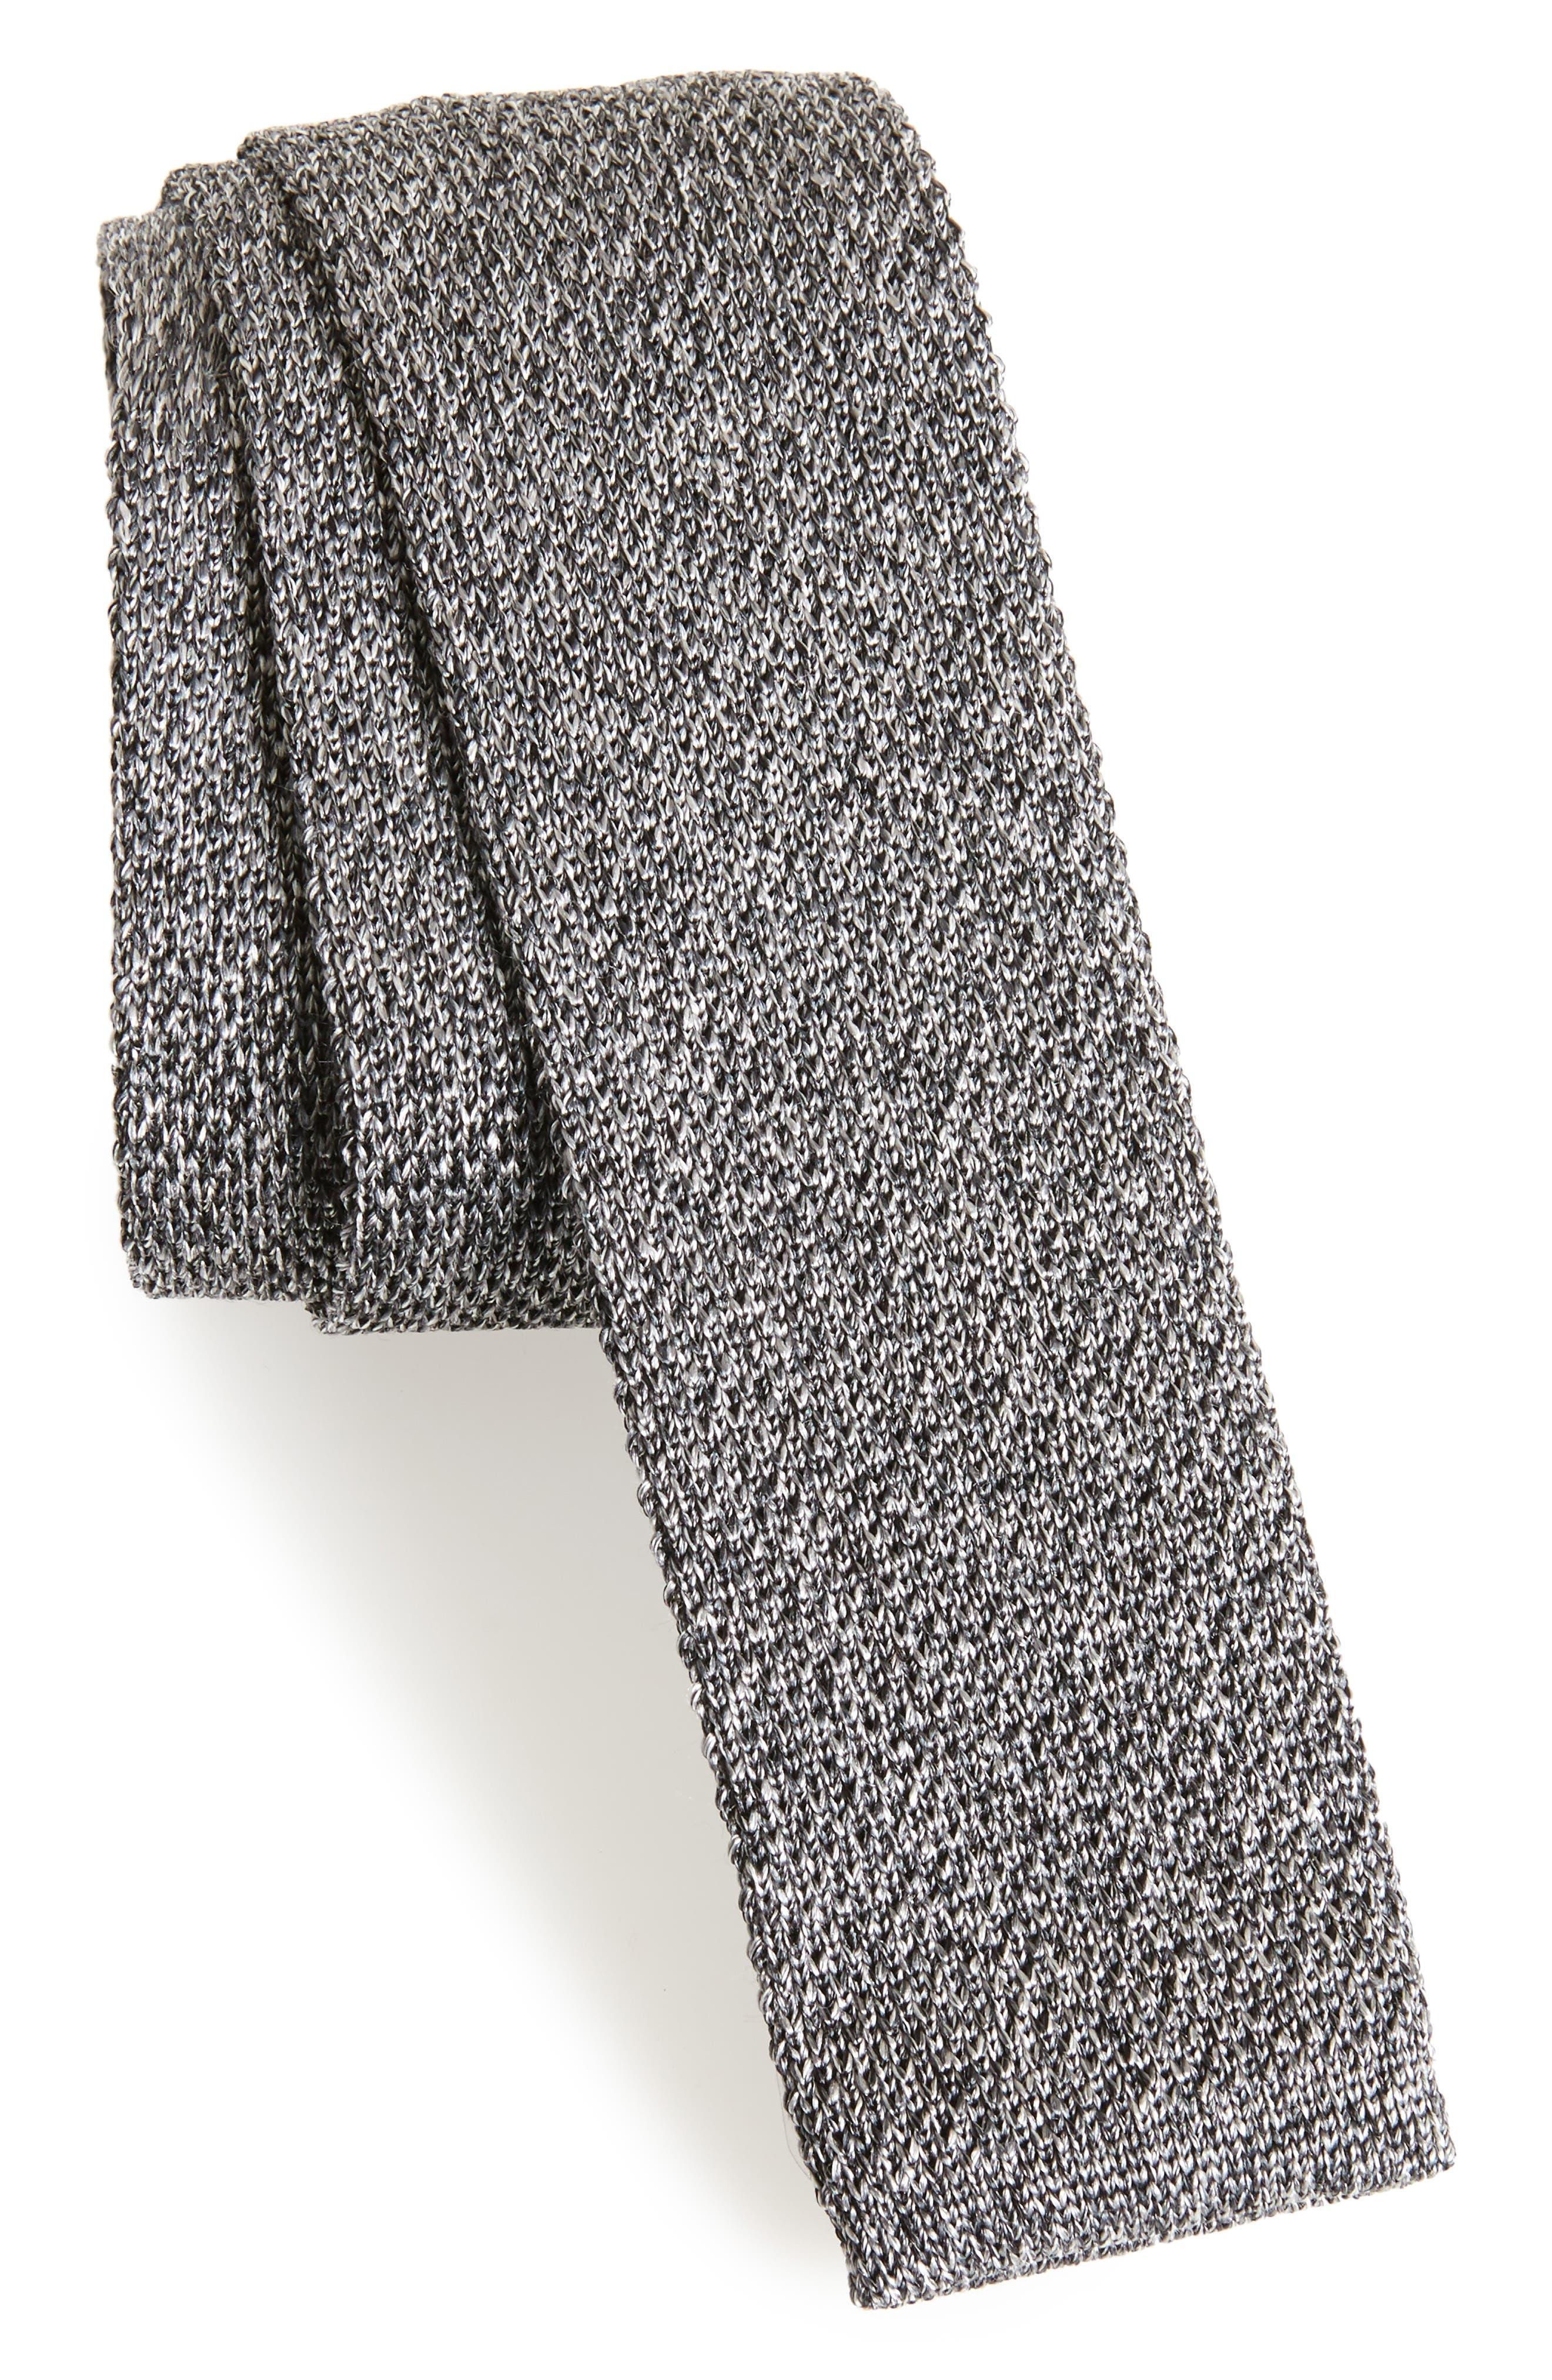 Solid Knit Silk Tie,                         Main,                         color, DARK GREY